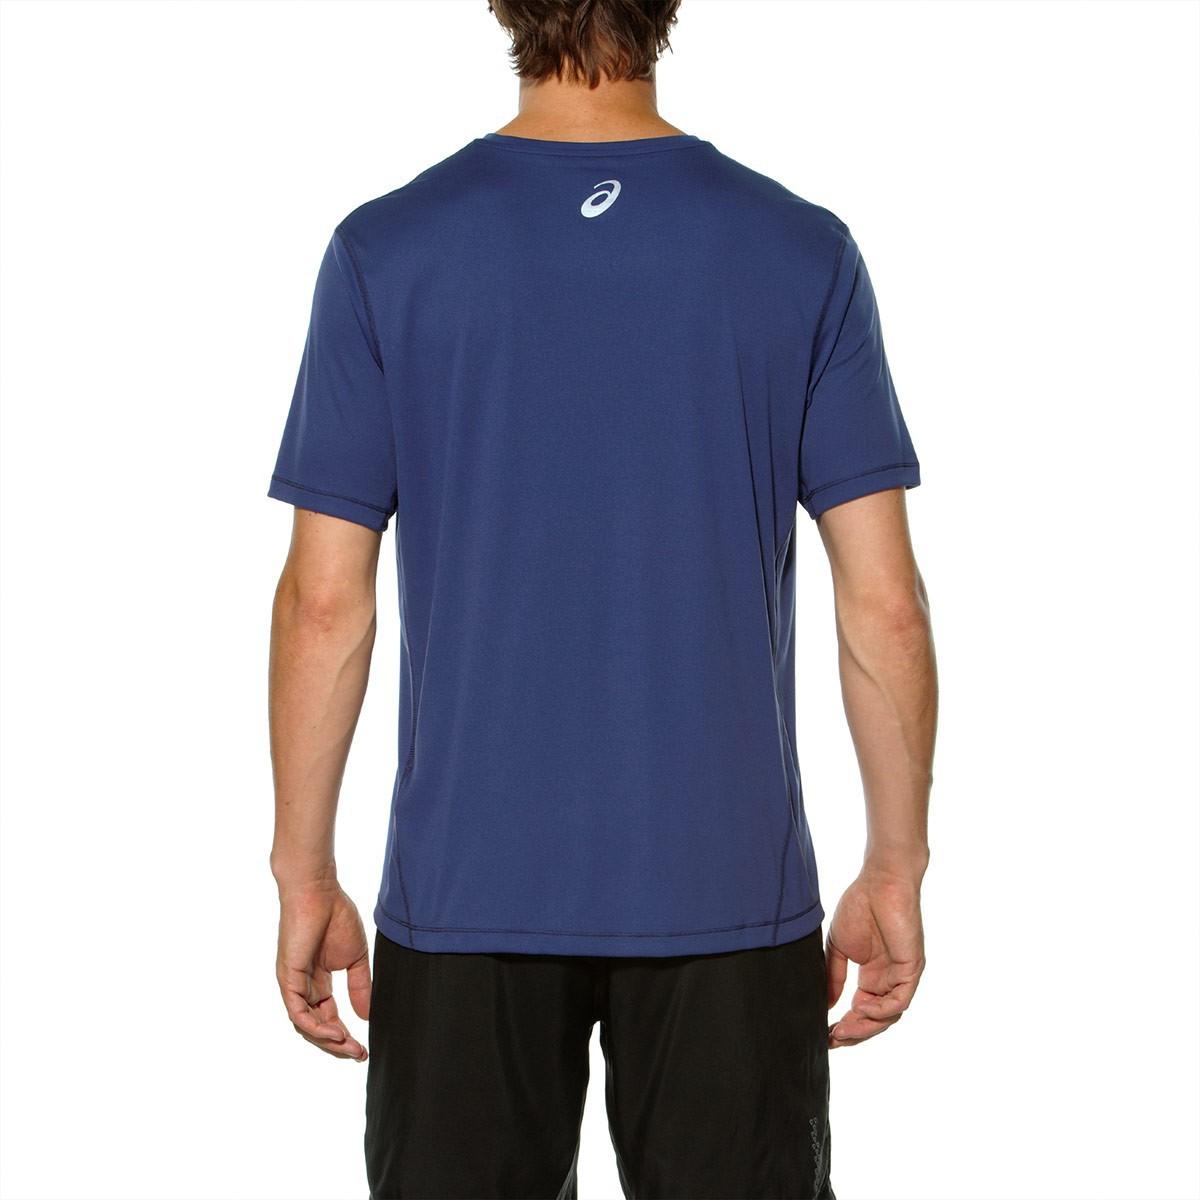 Мужская футболка с надписями Asics Short Sleeve Tee (125141 8133) синяя фото